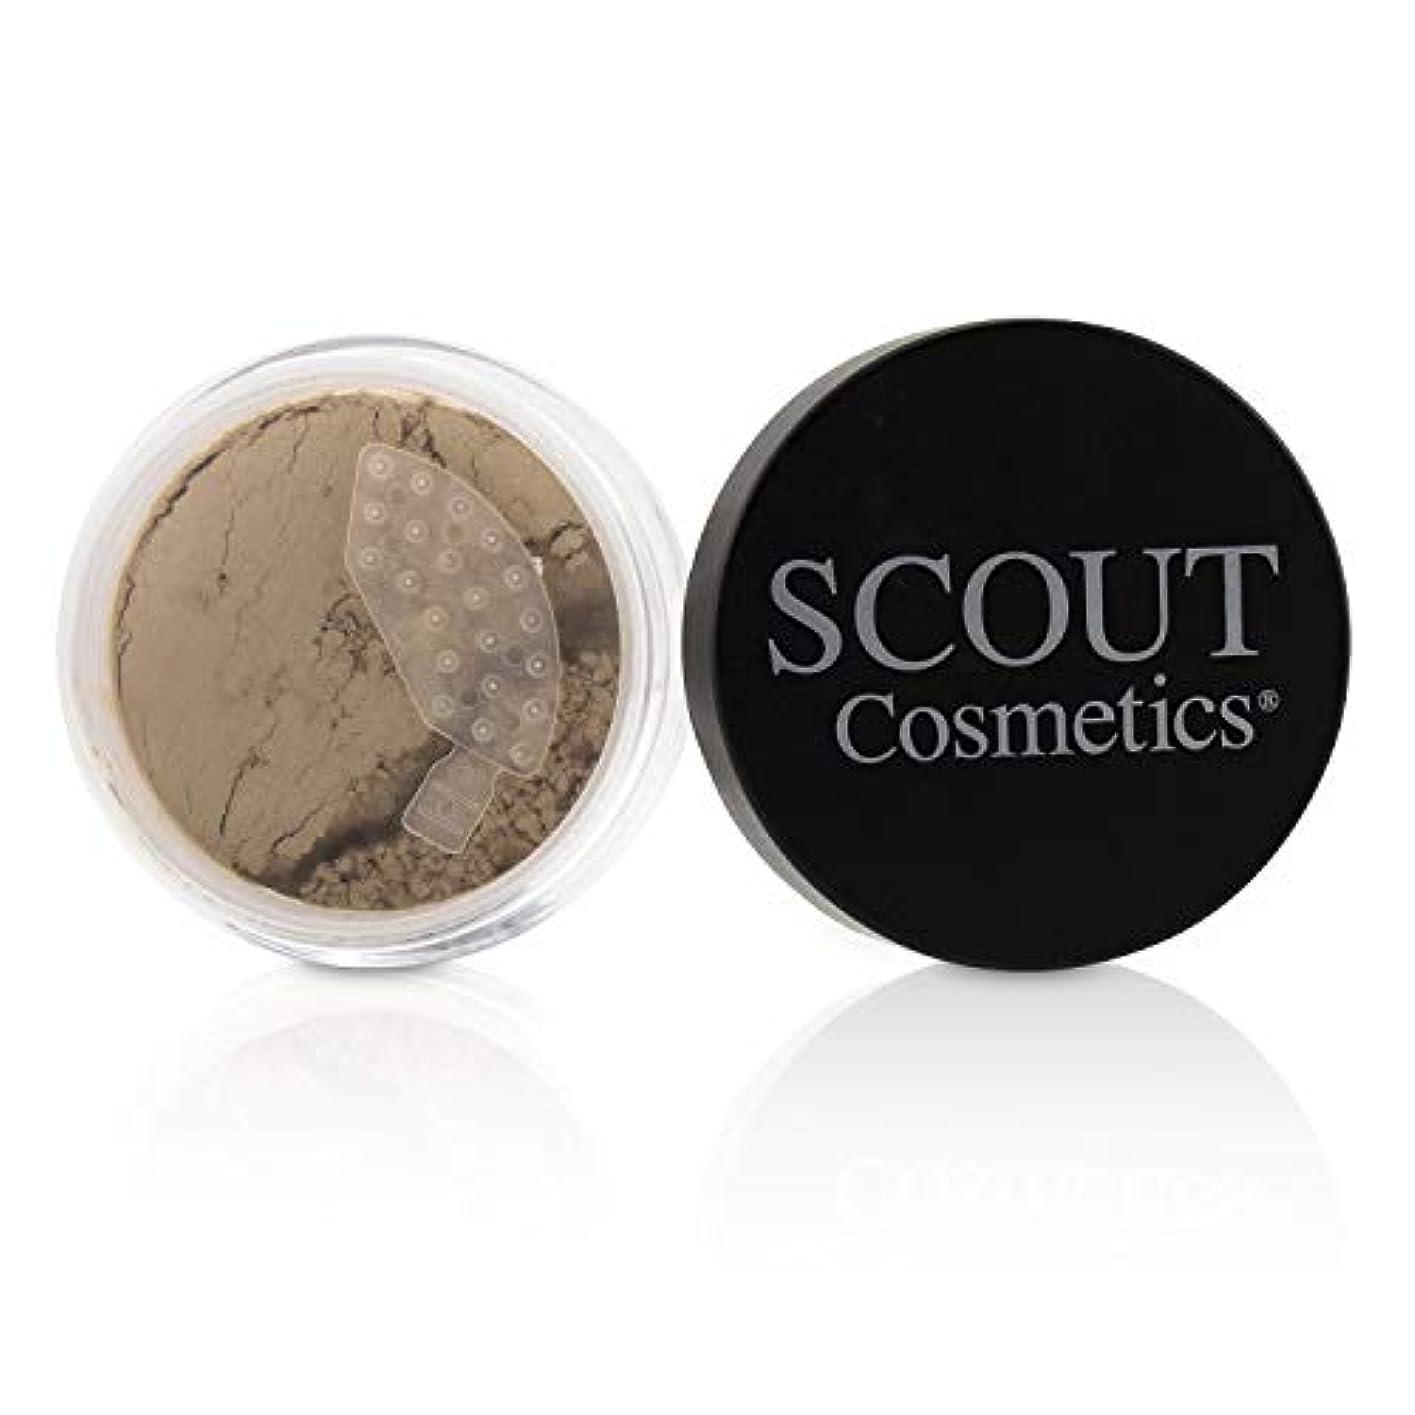 グリル夫ましいSCOUT Cosmetics Mineral Powder Foundation SPF 20 - # Porcelain 8g/0.28oz並行輸入品